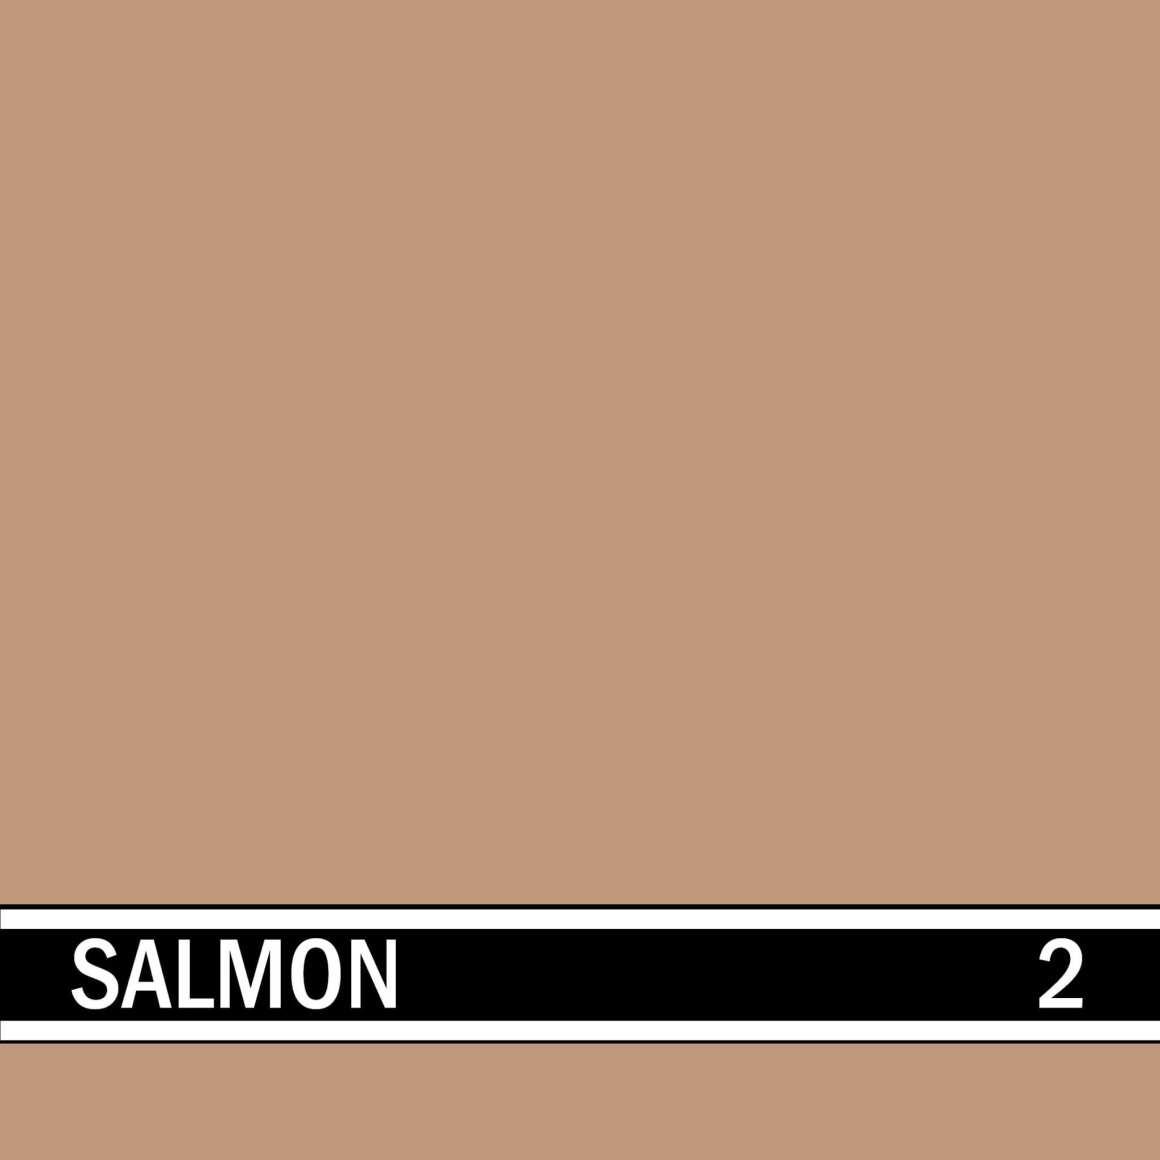 Salmon integral concrete color for stamped concrete and decorative colored concrete